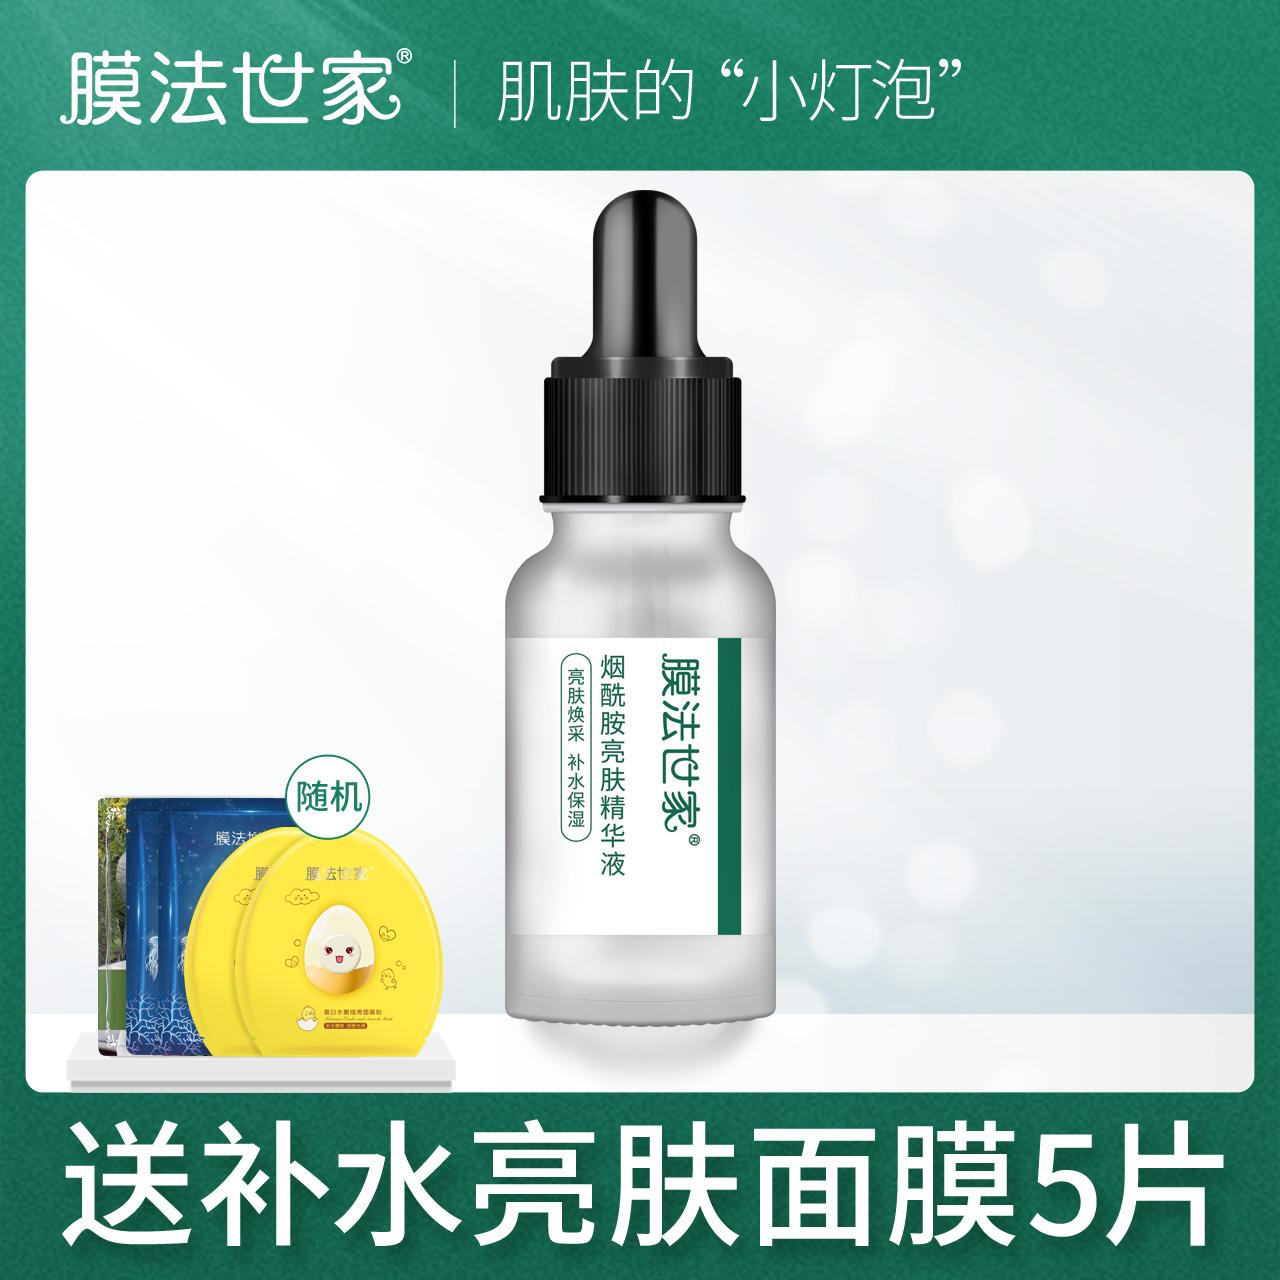 膜法世家烟酰胺亮肤精华液 面部精华15ml玻尿酸补水玻尿酸控油(非品牌)